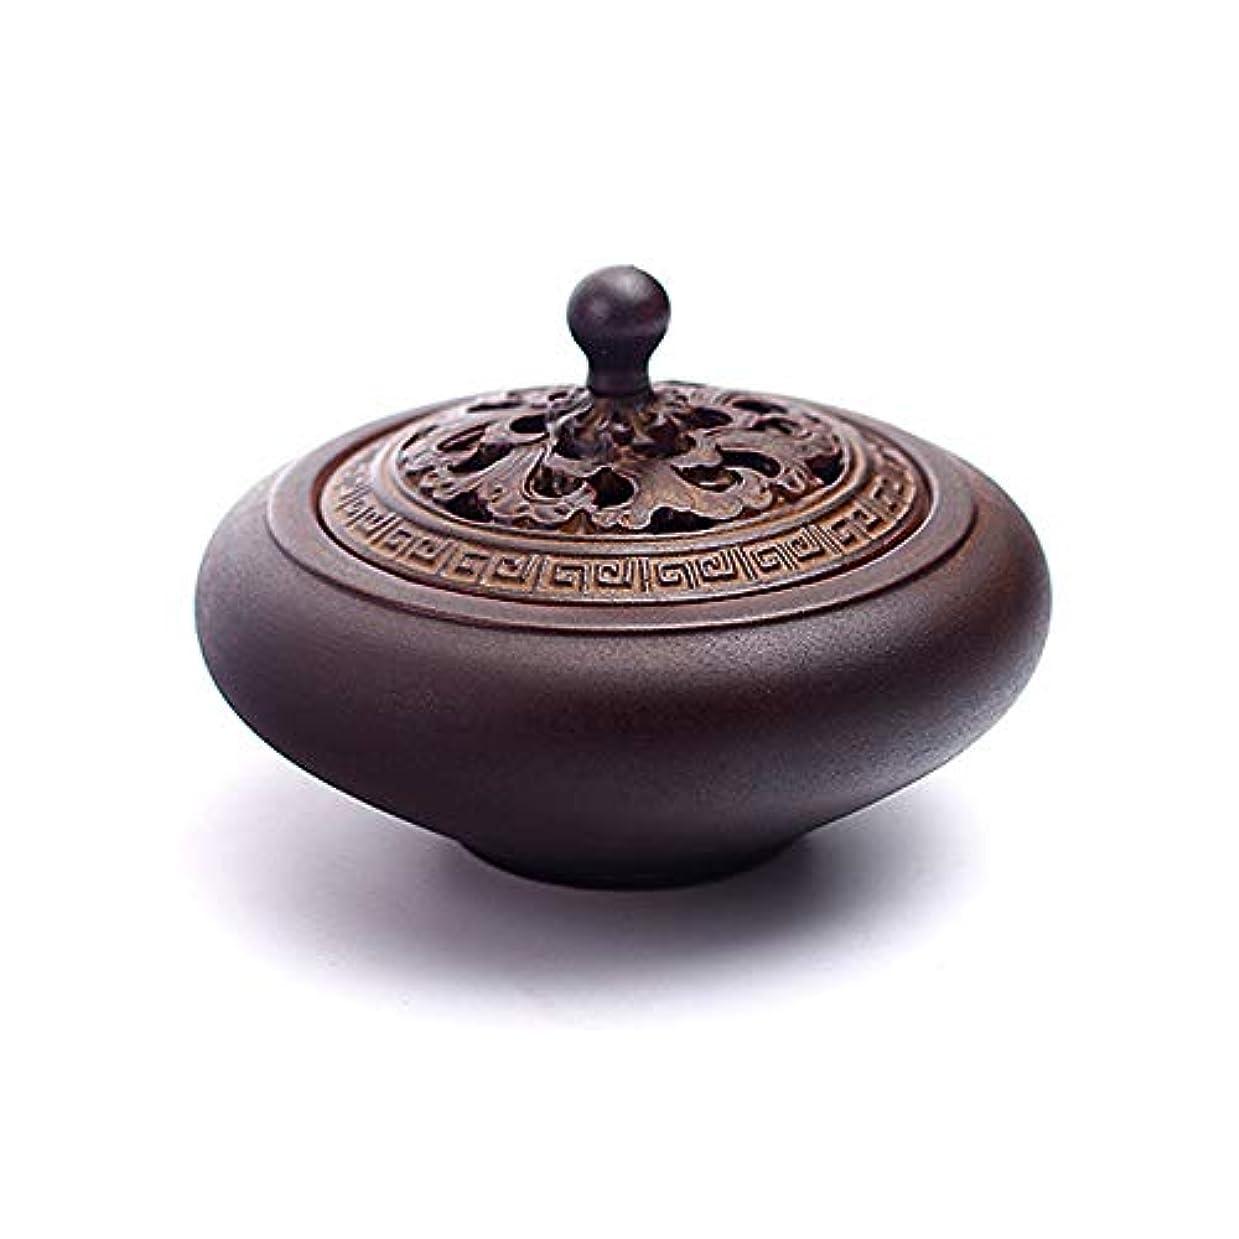 親密な南東指導するHAMILO 蓋付香炉 陶器 中国風 古典 アロマ 癒し 香道 お香 コーン 抹香 手作り 木製台付 (ブラウン)